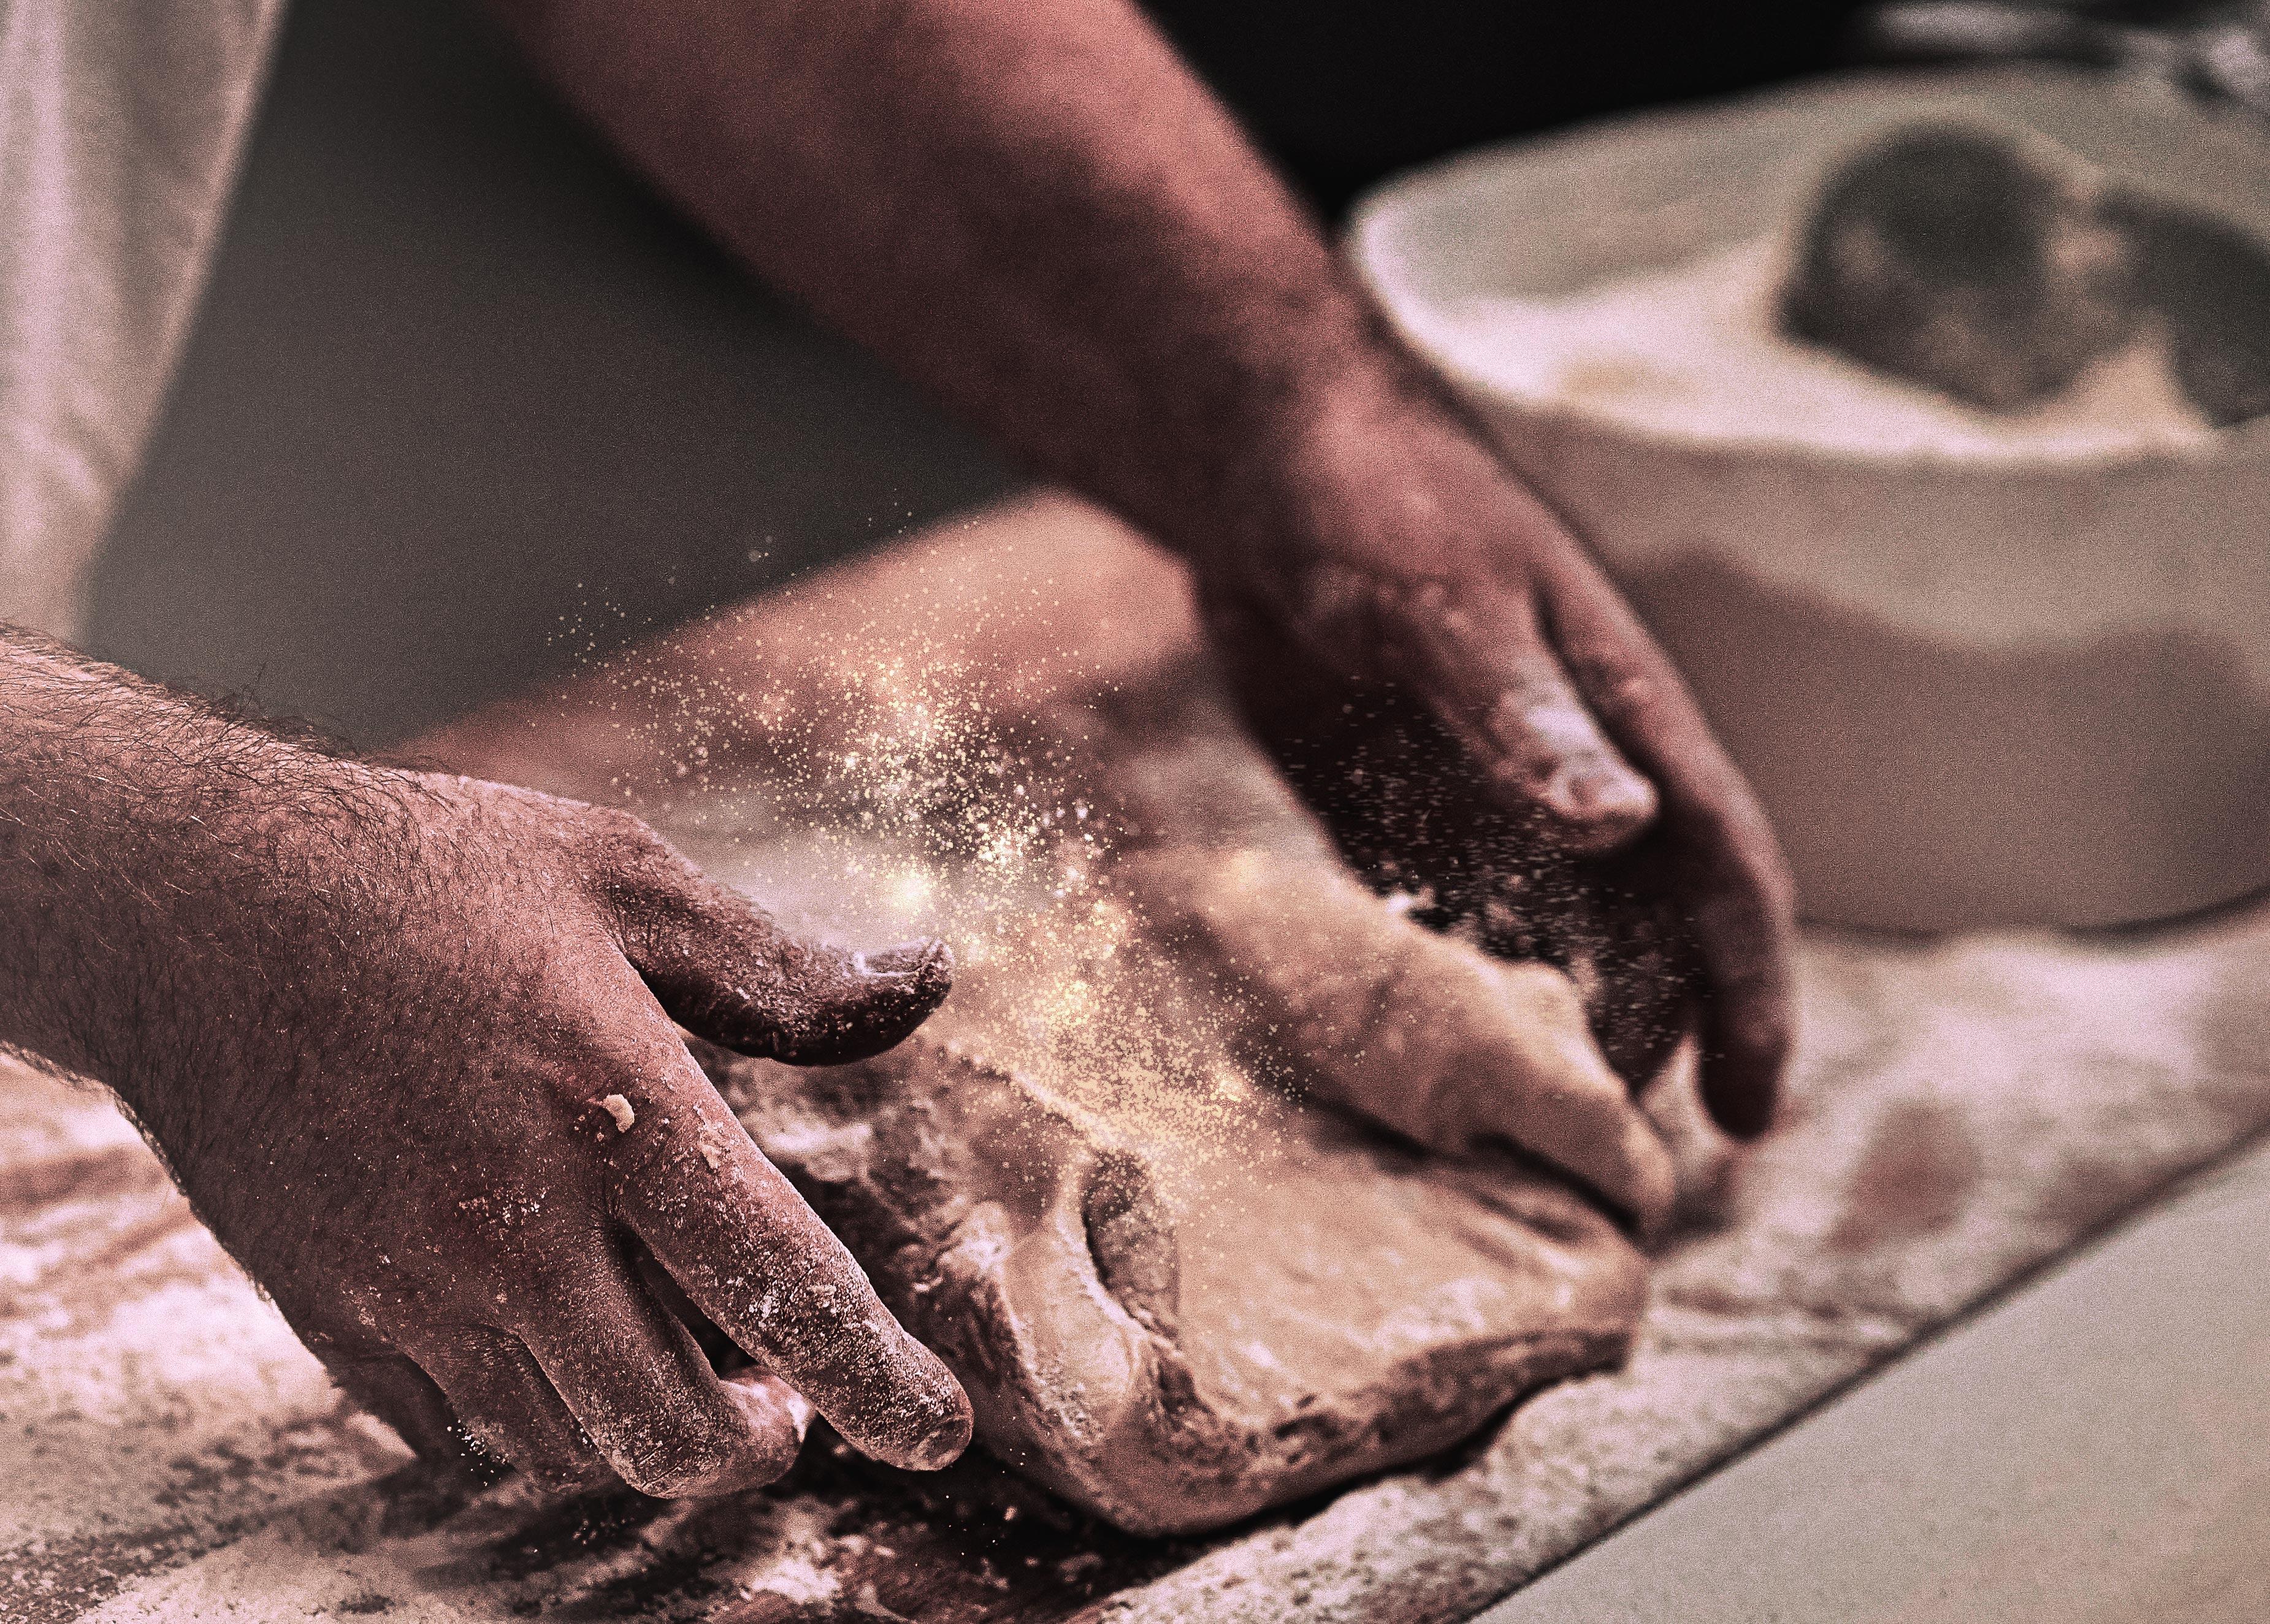 Bäcker der Teig knetet.